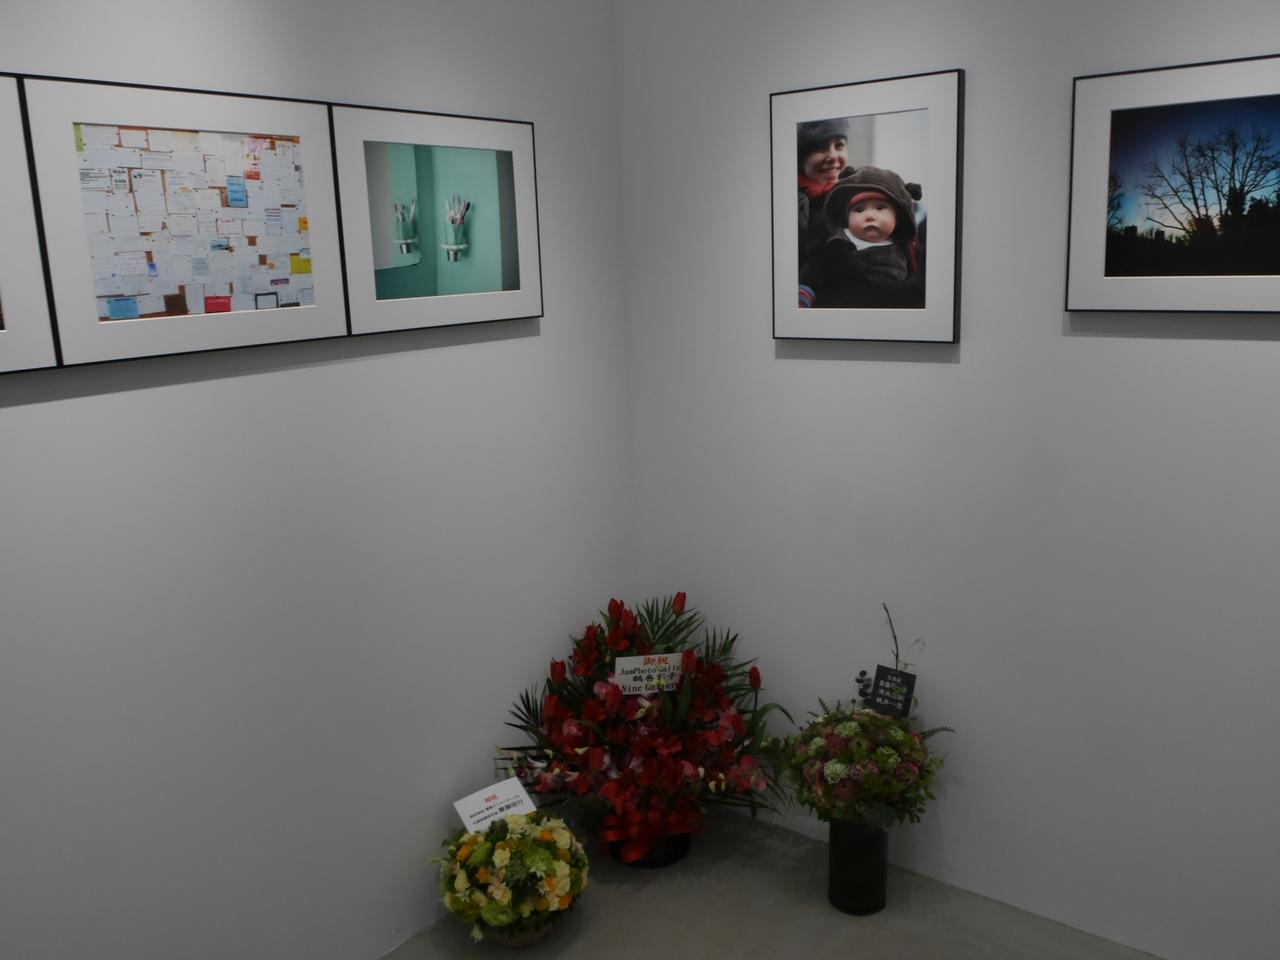 画像: 鶴巻育子写真展「back to square one」が「Jam Photo Gallery」で3月27日(水)開催! 4月7日(日)まで。